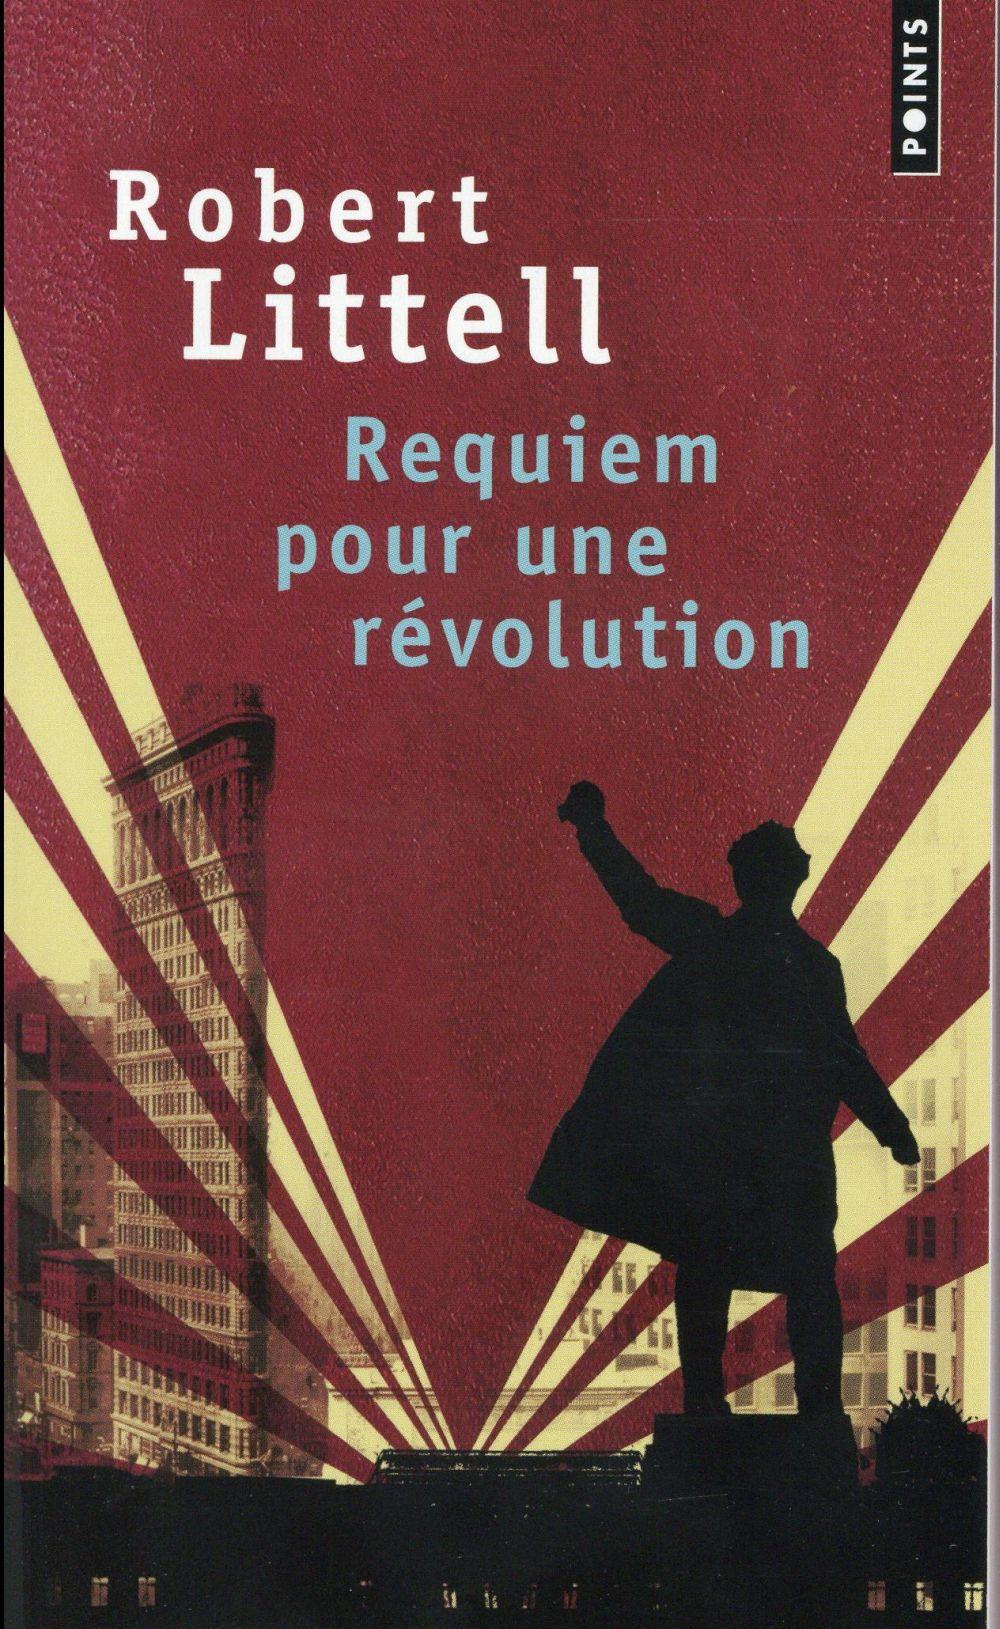 Littell Robert - REQUIEM POUR UNE REVOLUTION - LE GRAND ROMAN DE LA REVOLUTION RUSSE